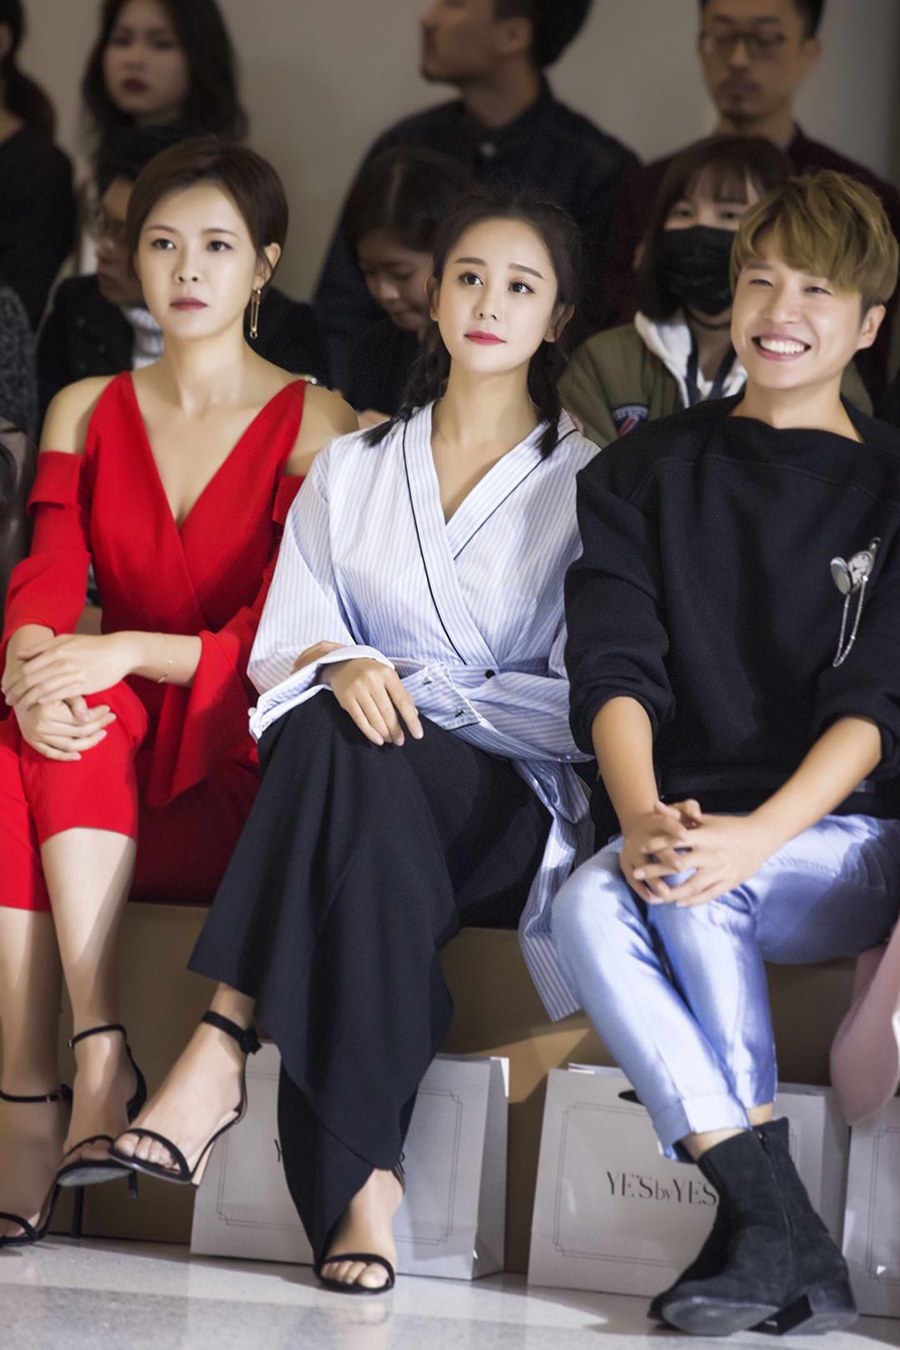 海陆出席时尚品牌发布会 干练造型变身帅气小女人